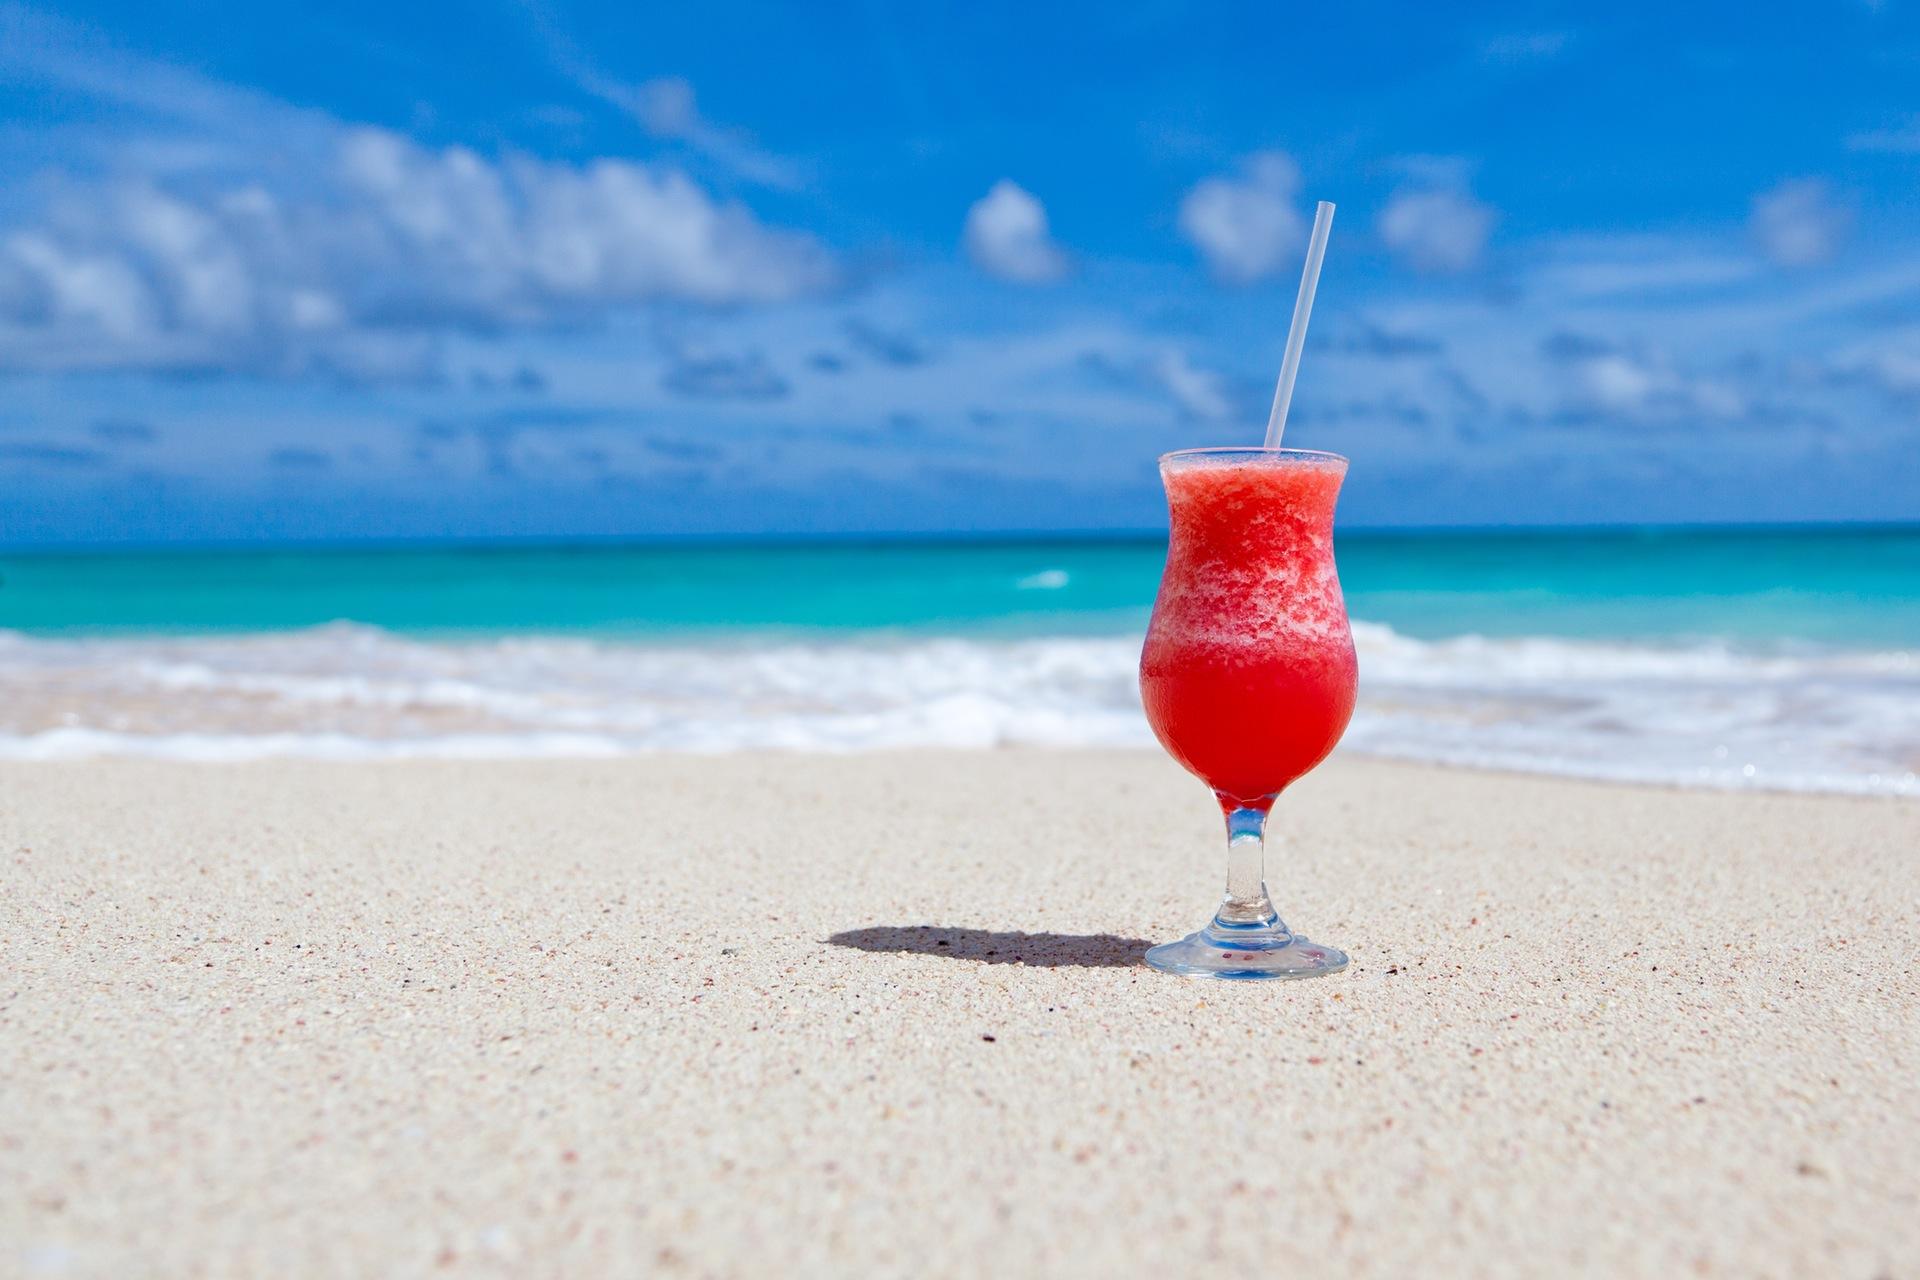 coquetel, Praia, bebida, areia, Mar - Papéis de parede HD - Professor-falken.com